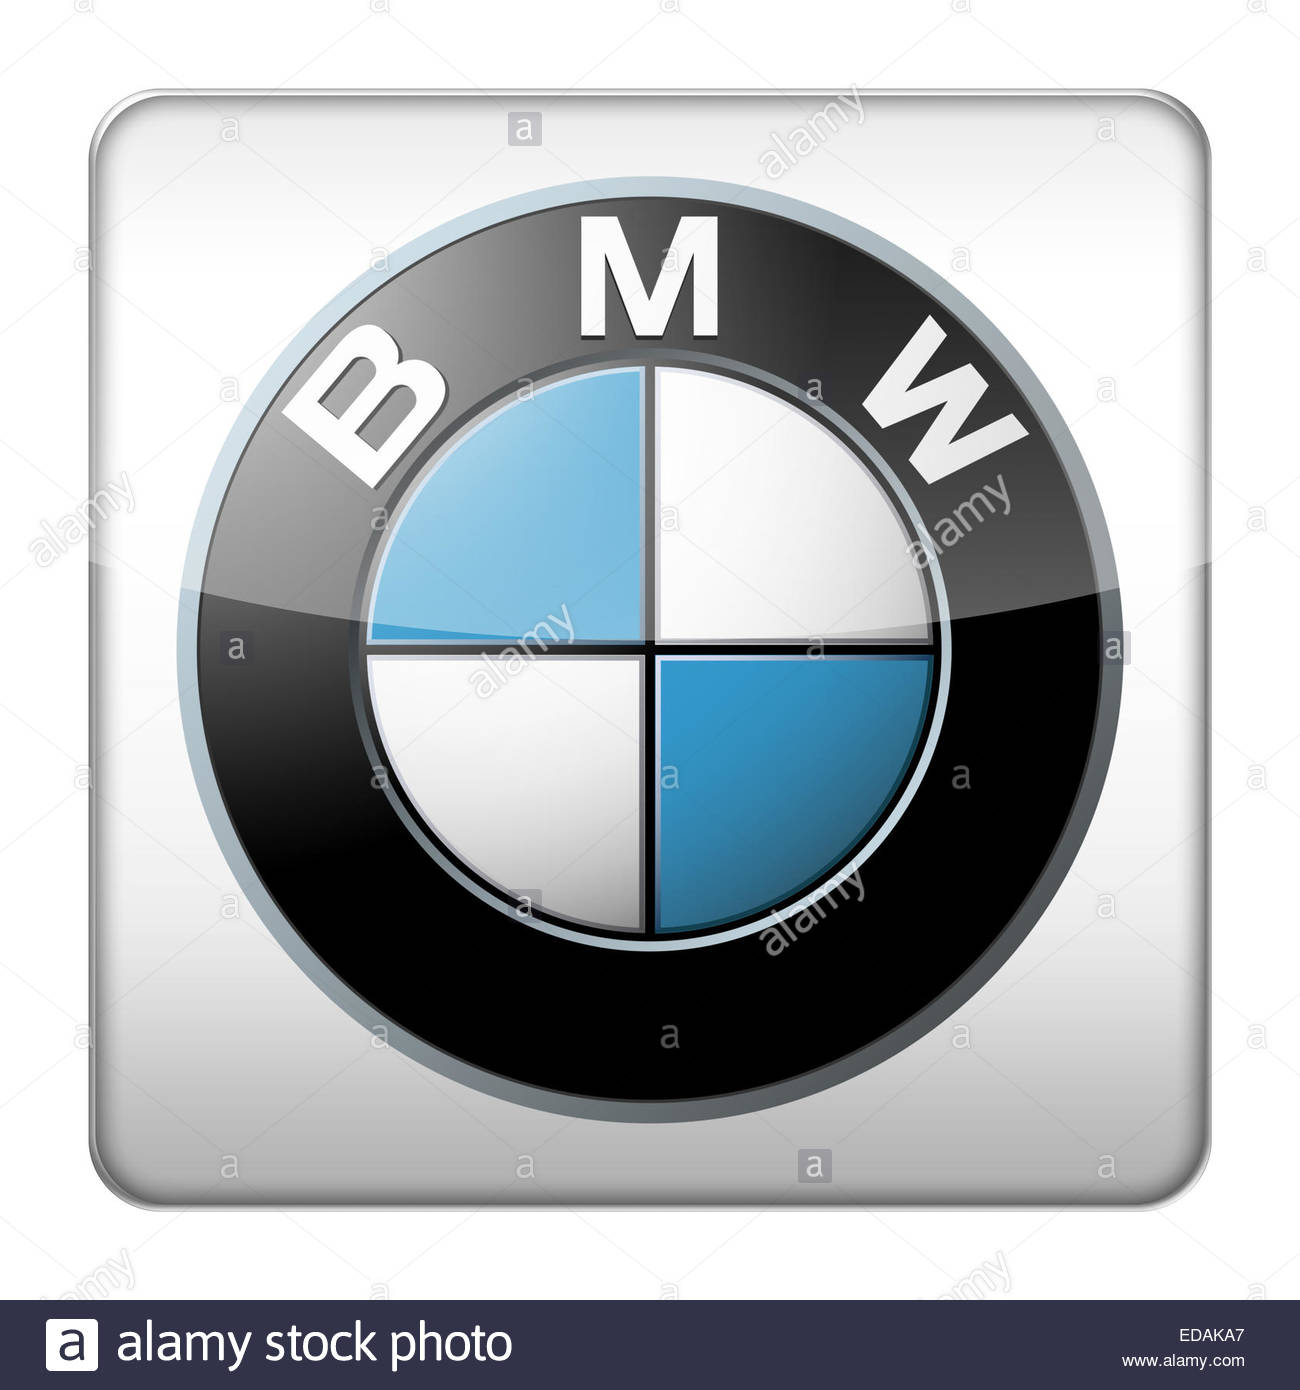 BMW logo icon - Stock Image